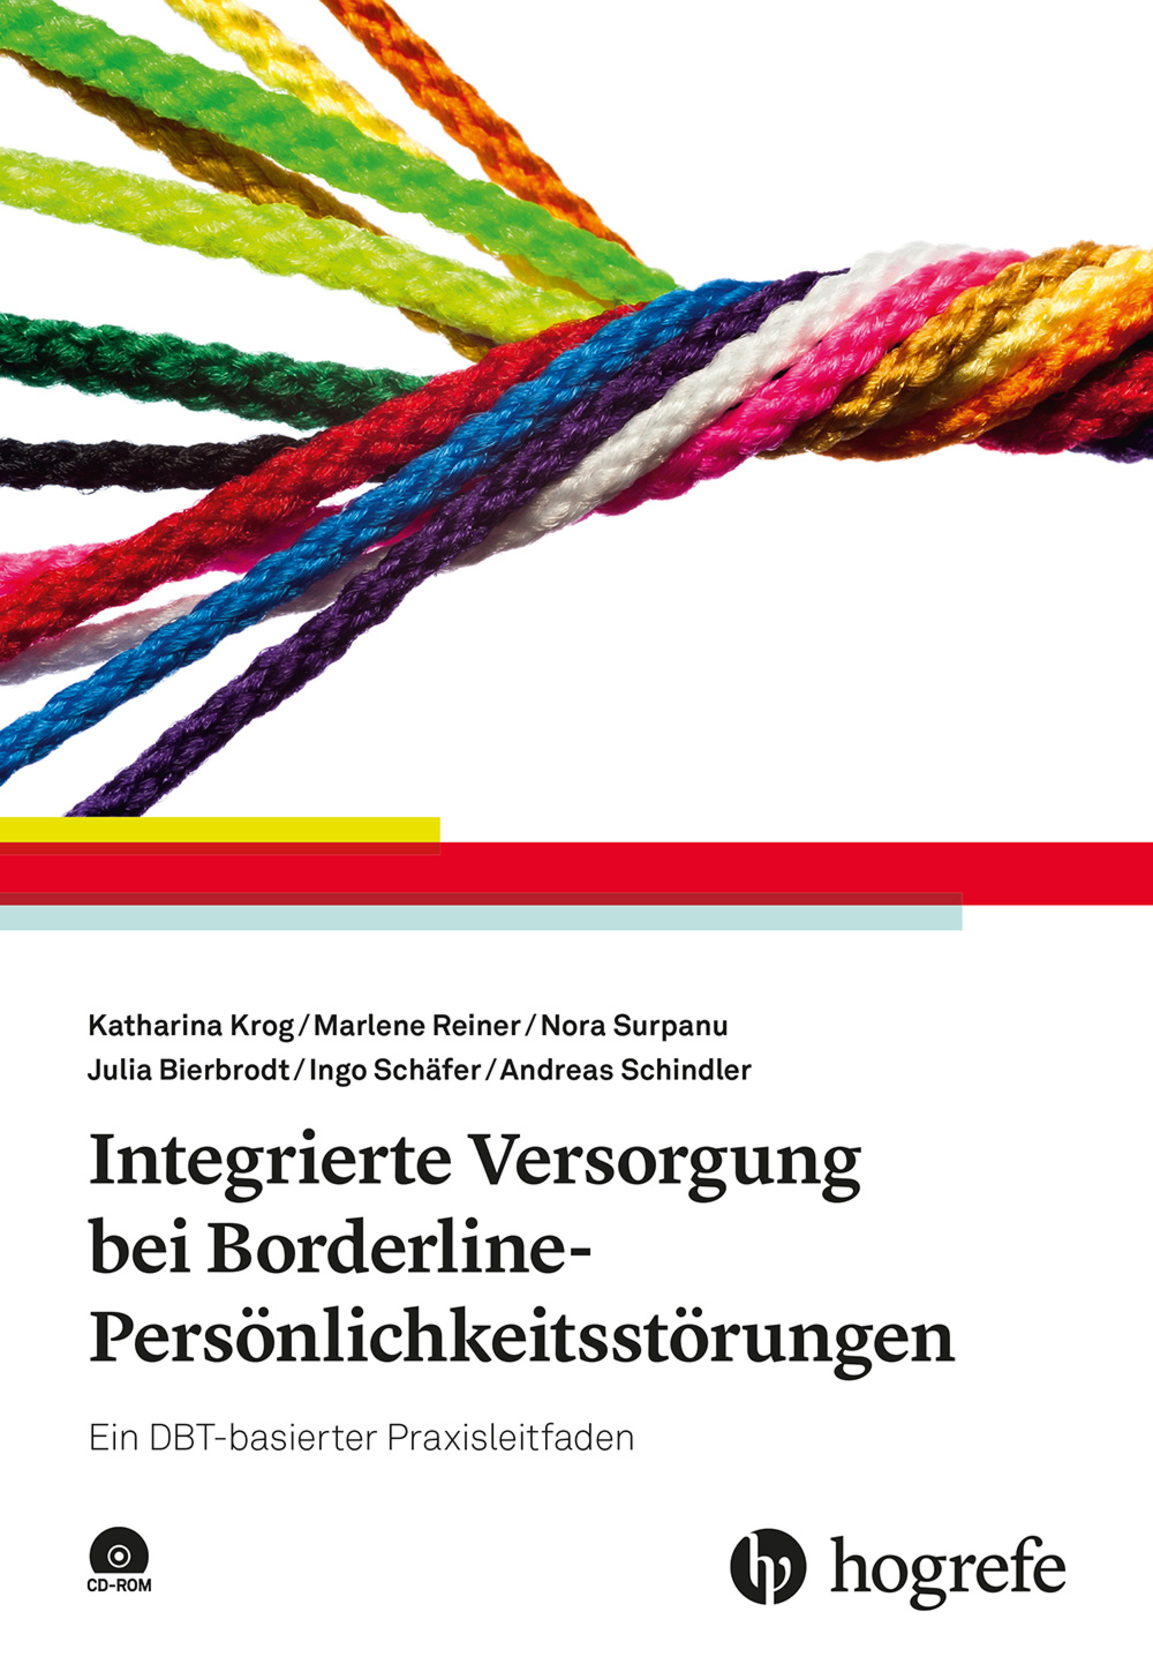 Integrierte Versorgung bei Borderline-Persönlichkeitsstörungen